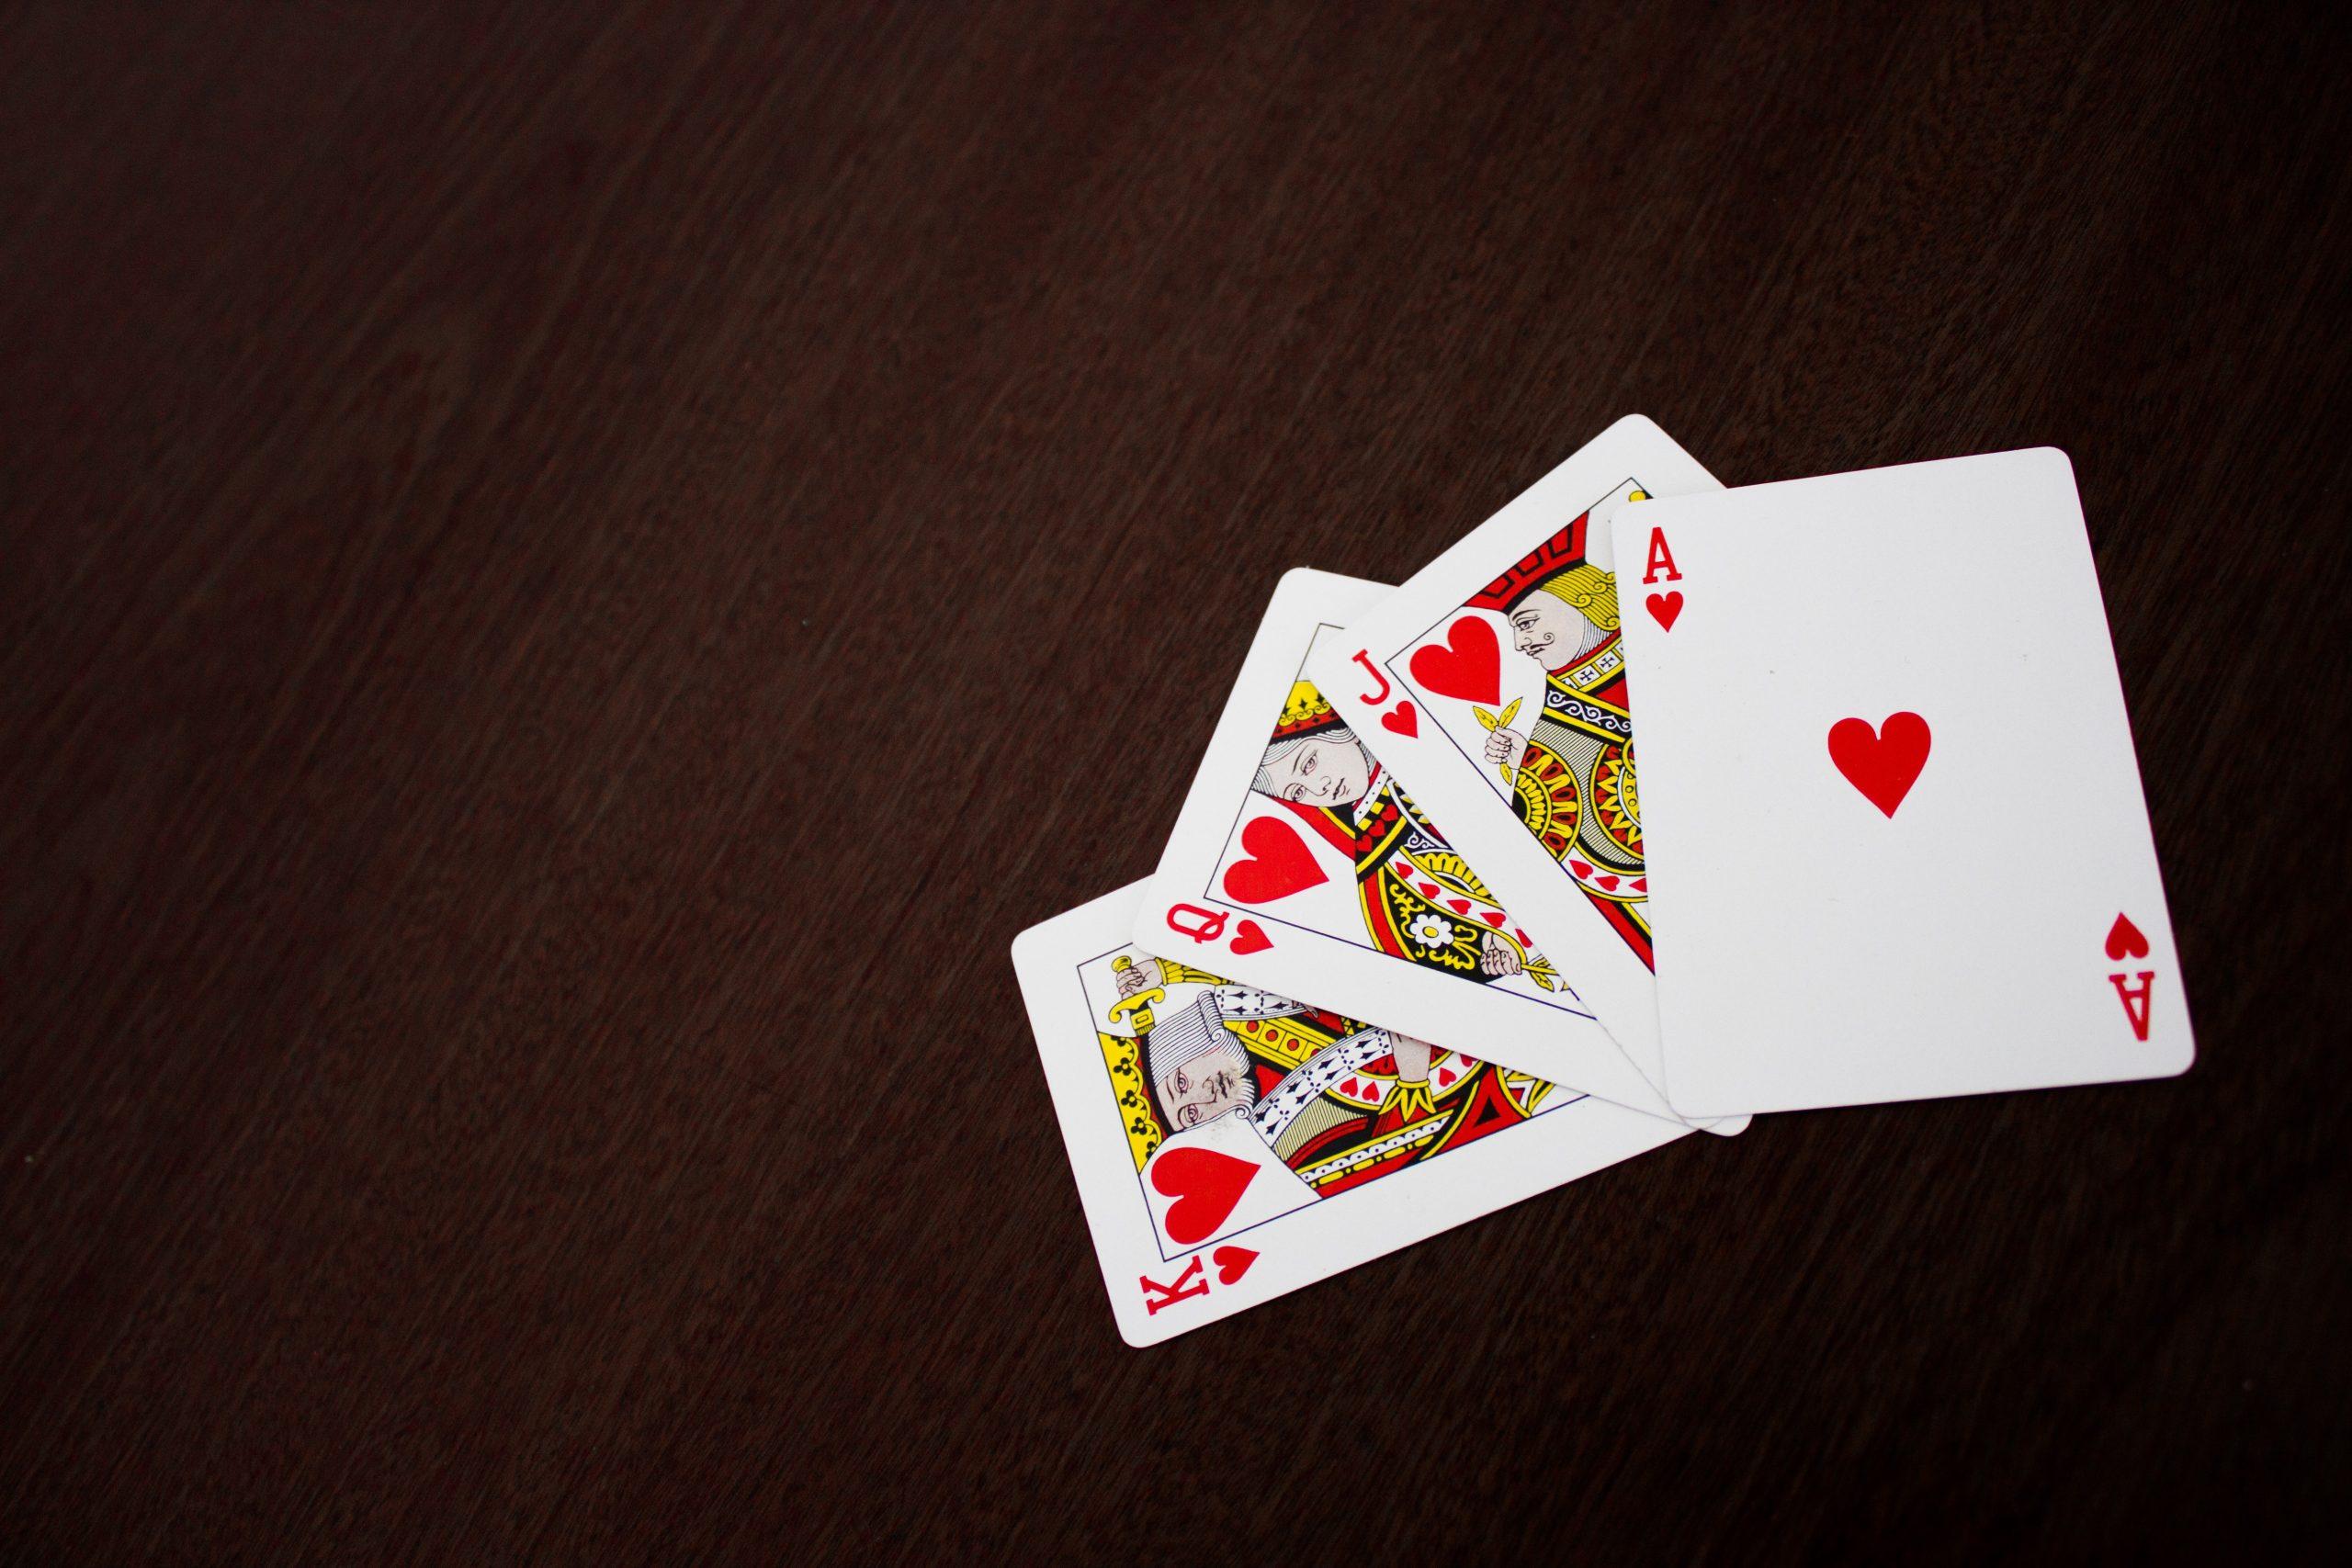 Juegos de poker. Corazones